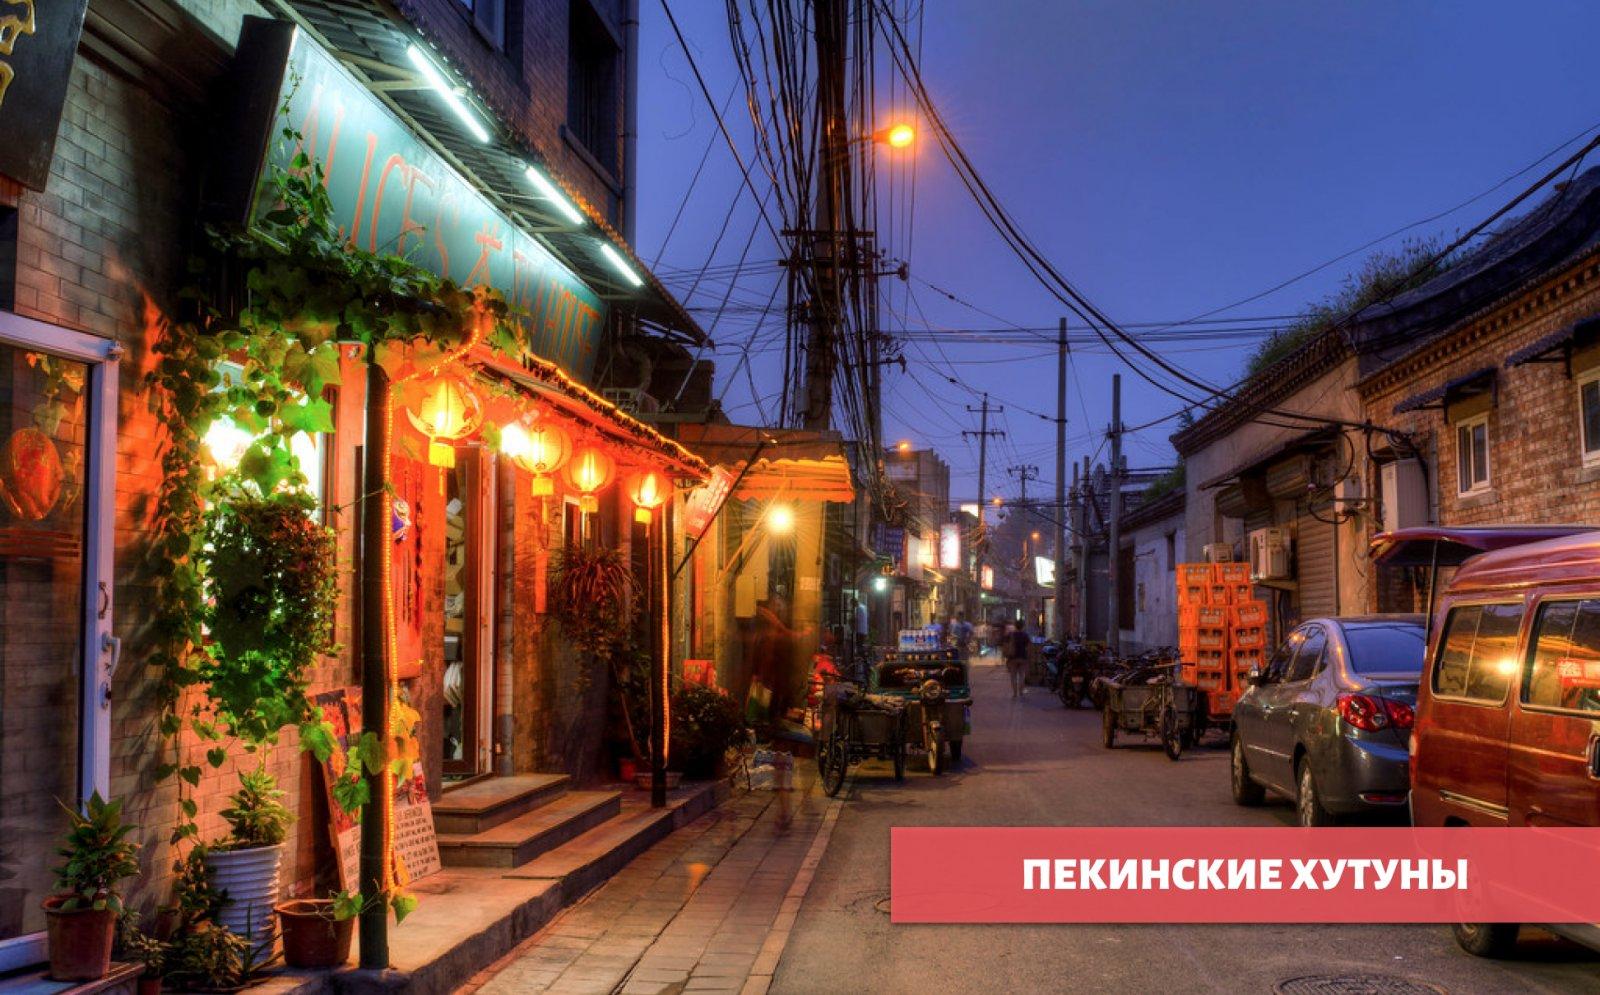 Настоящий Пекин. Путешествие по тысячелетним Хутунам